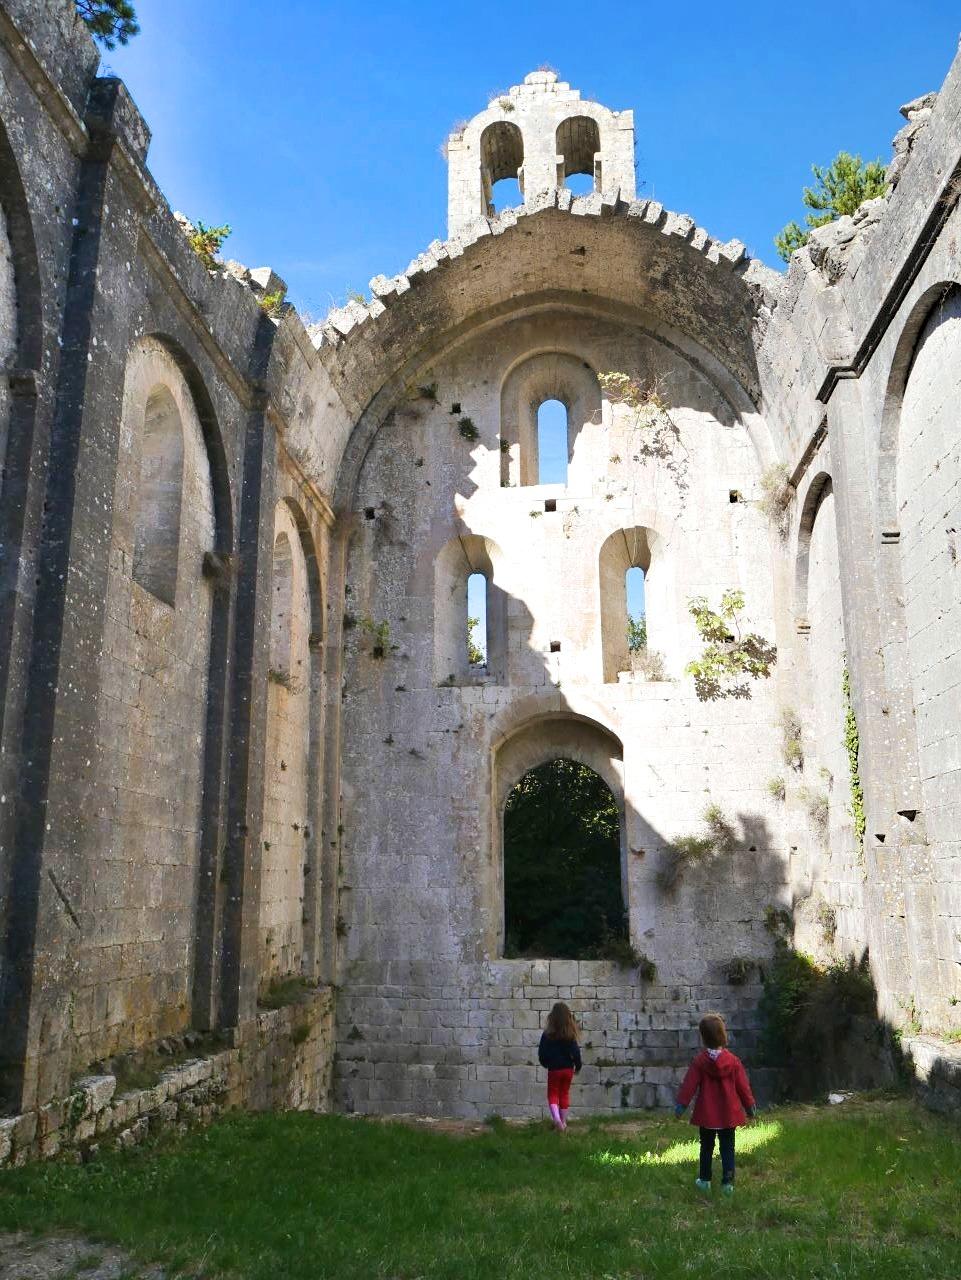 Balade en Drôme, au prieuré d'Aleyrac. L'intérieur de l'église en ruine